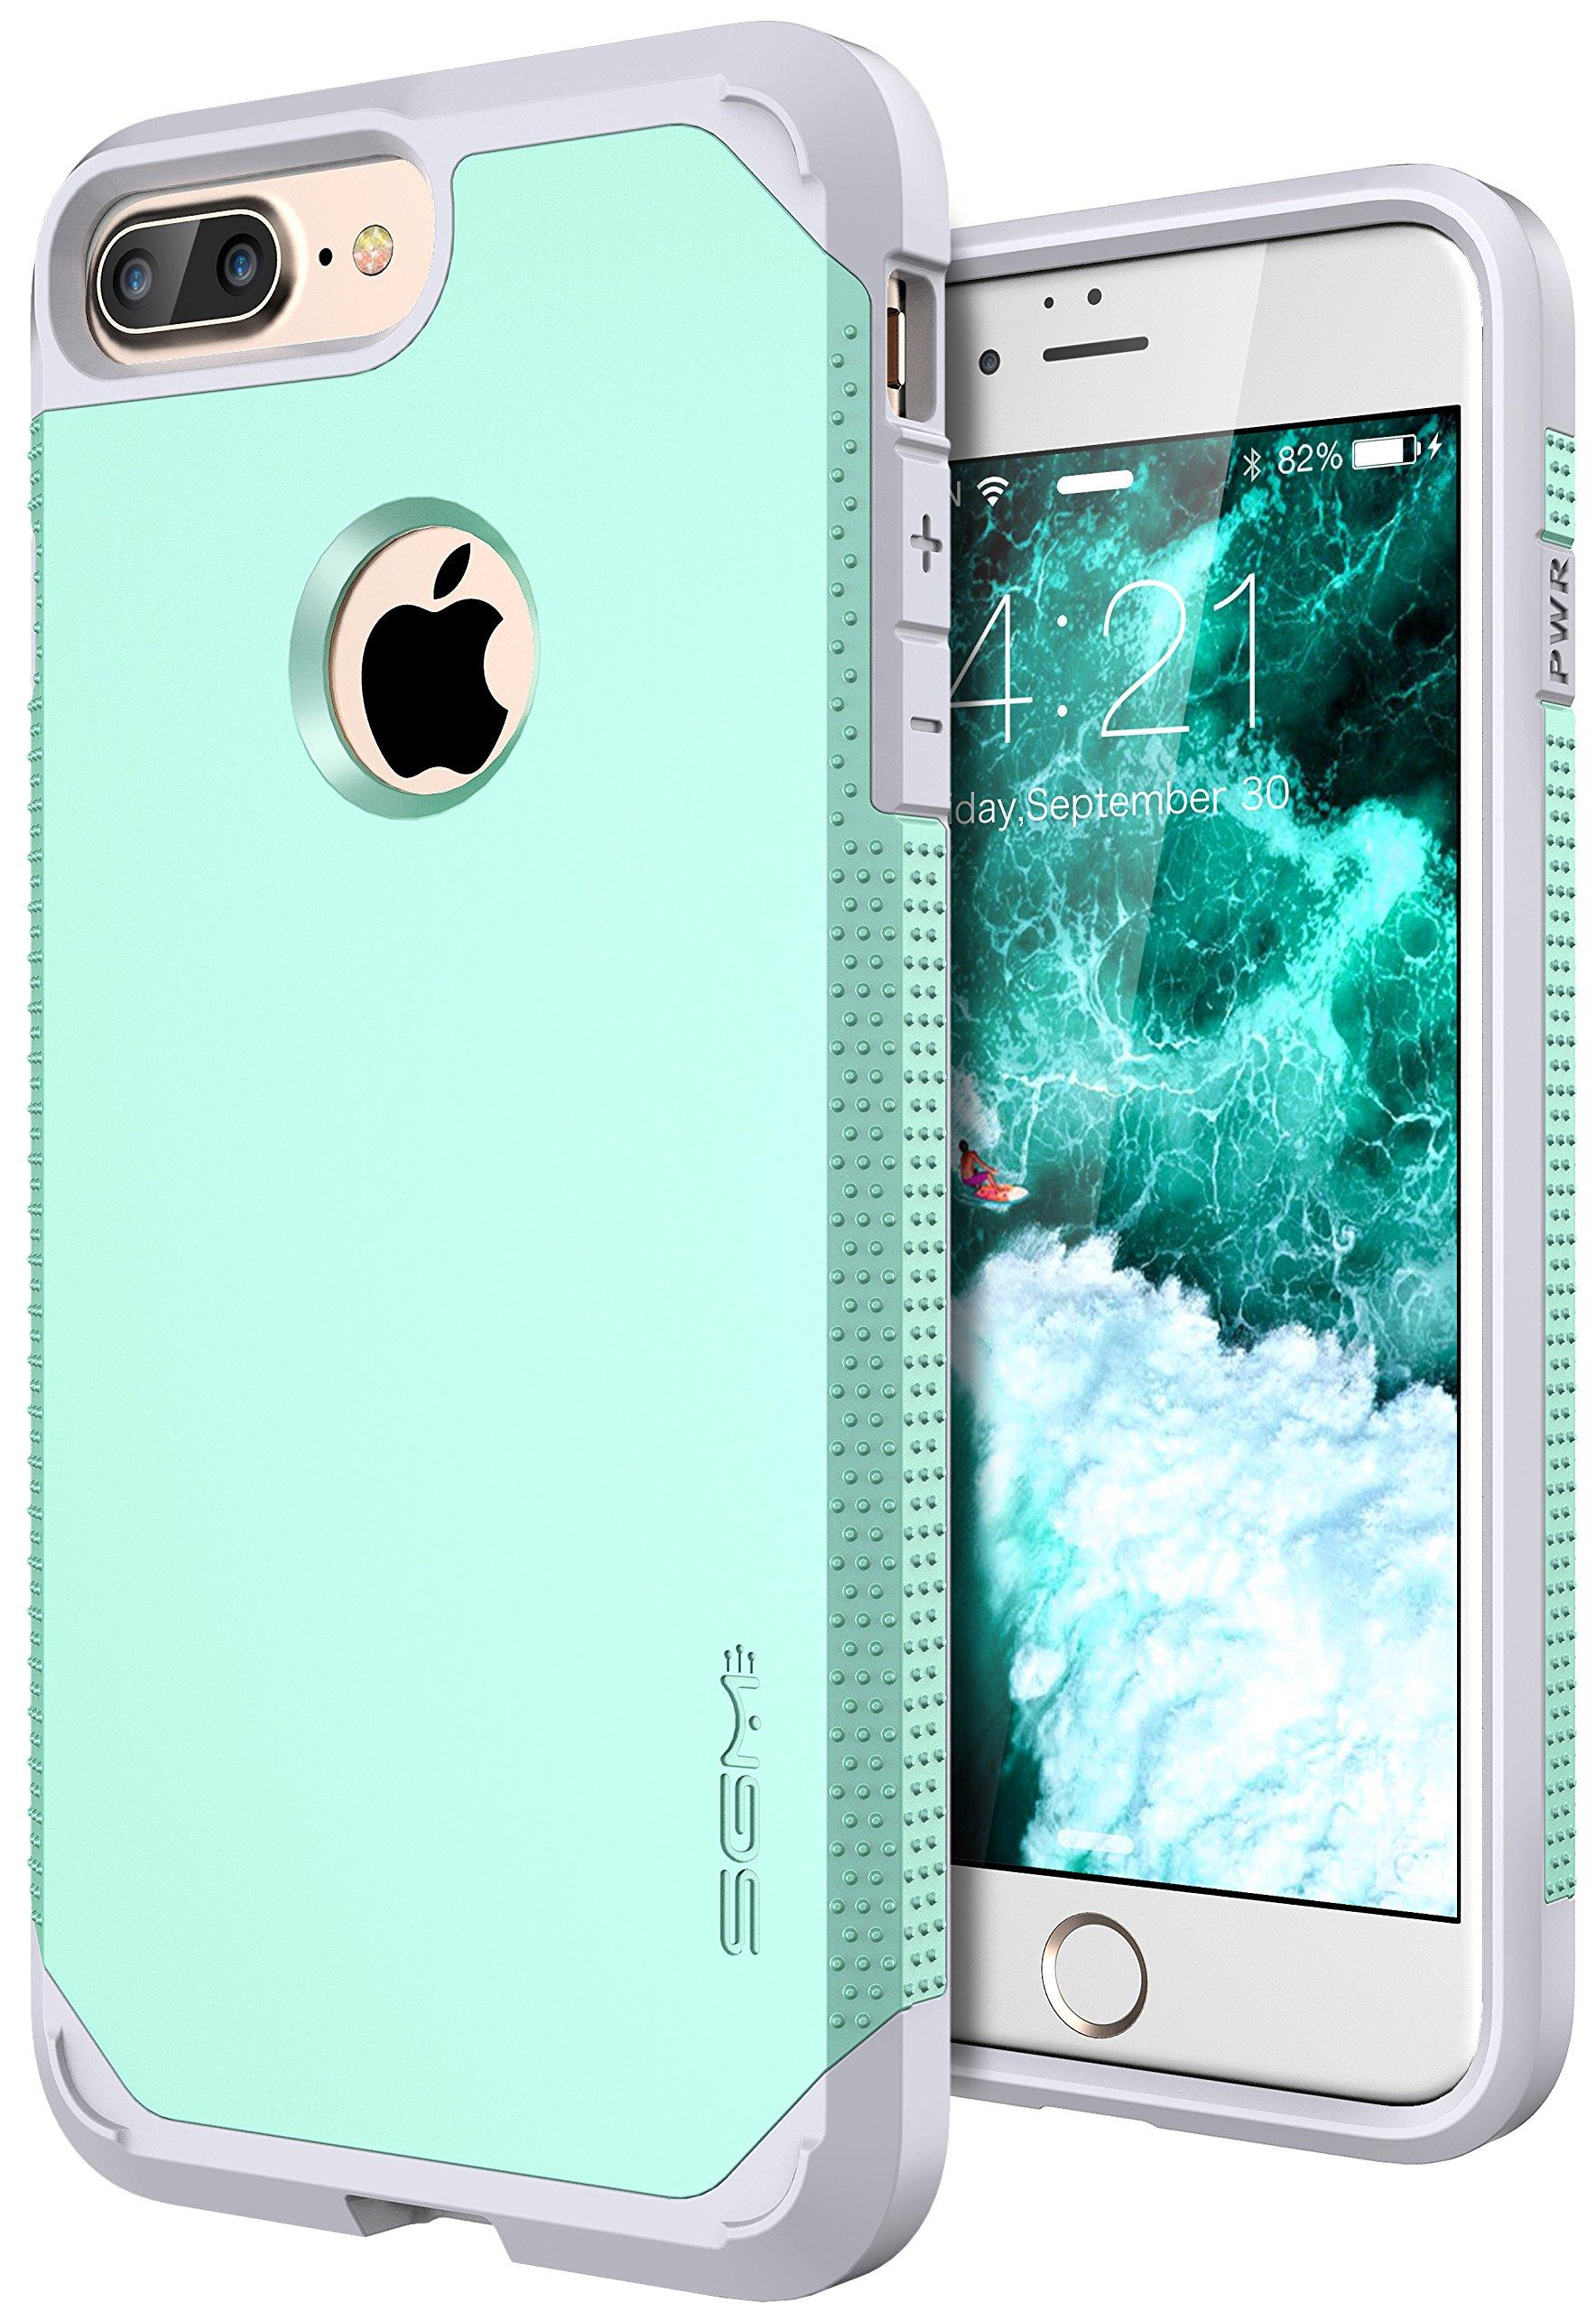 Iphone 7 Plus Case Sgm Premium Hybrid [Dual Layer] Armor Case Cover For Apple.. 14